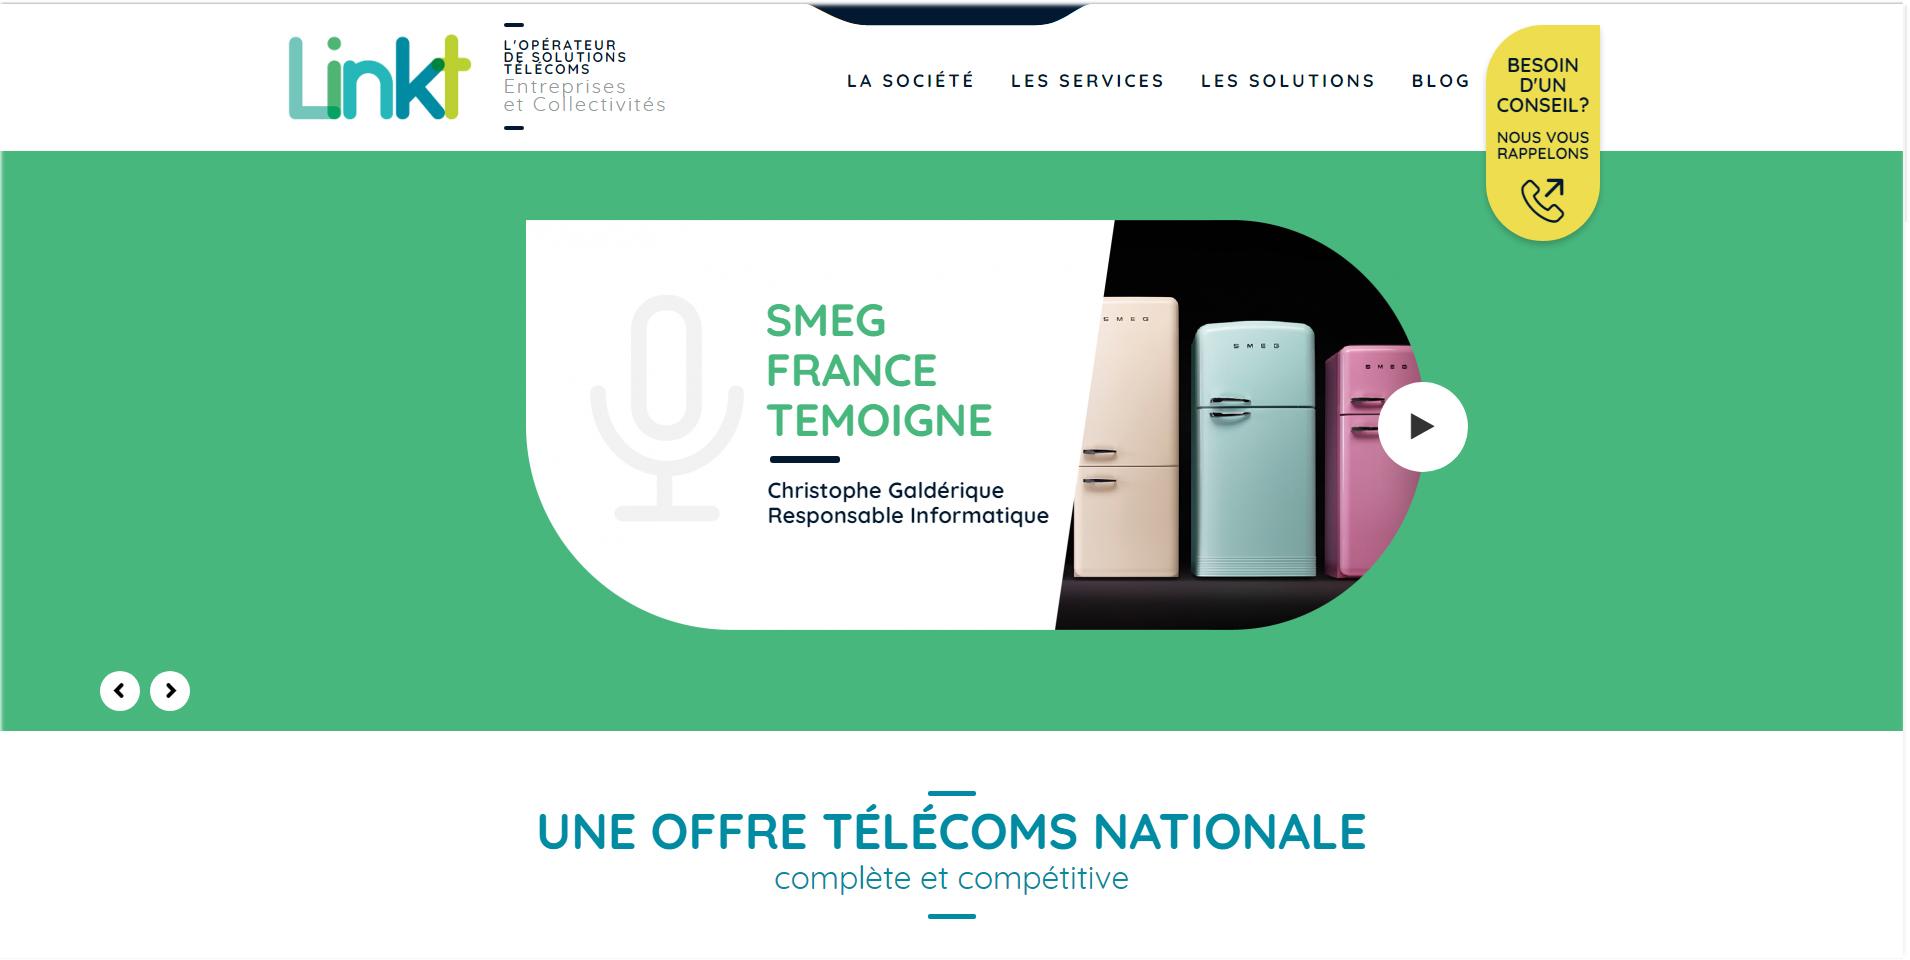 Linkt, opérateur de solutions télécoms